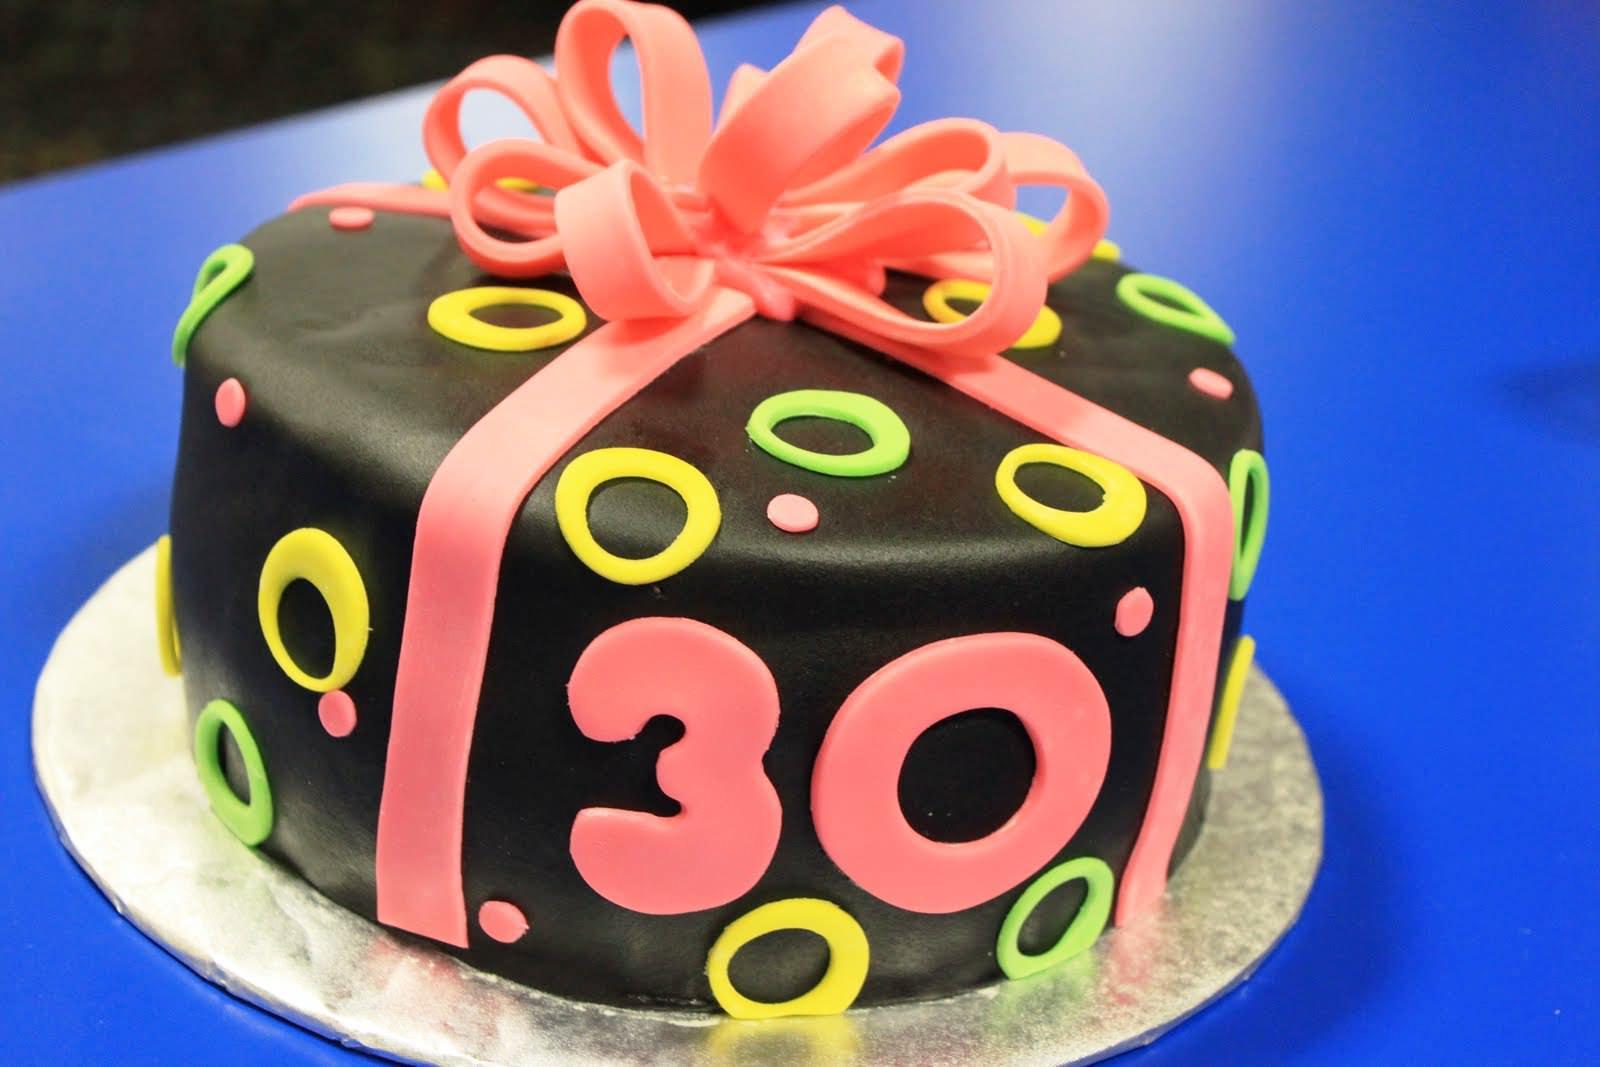 Happy Birthday Cakes 30 Years